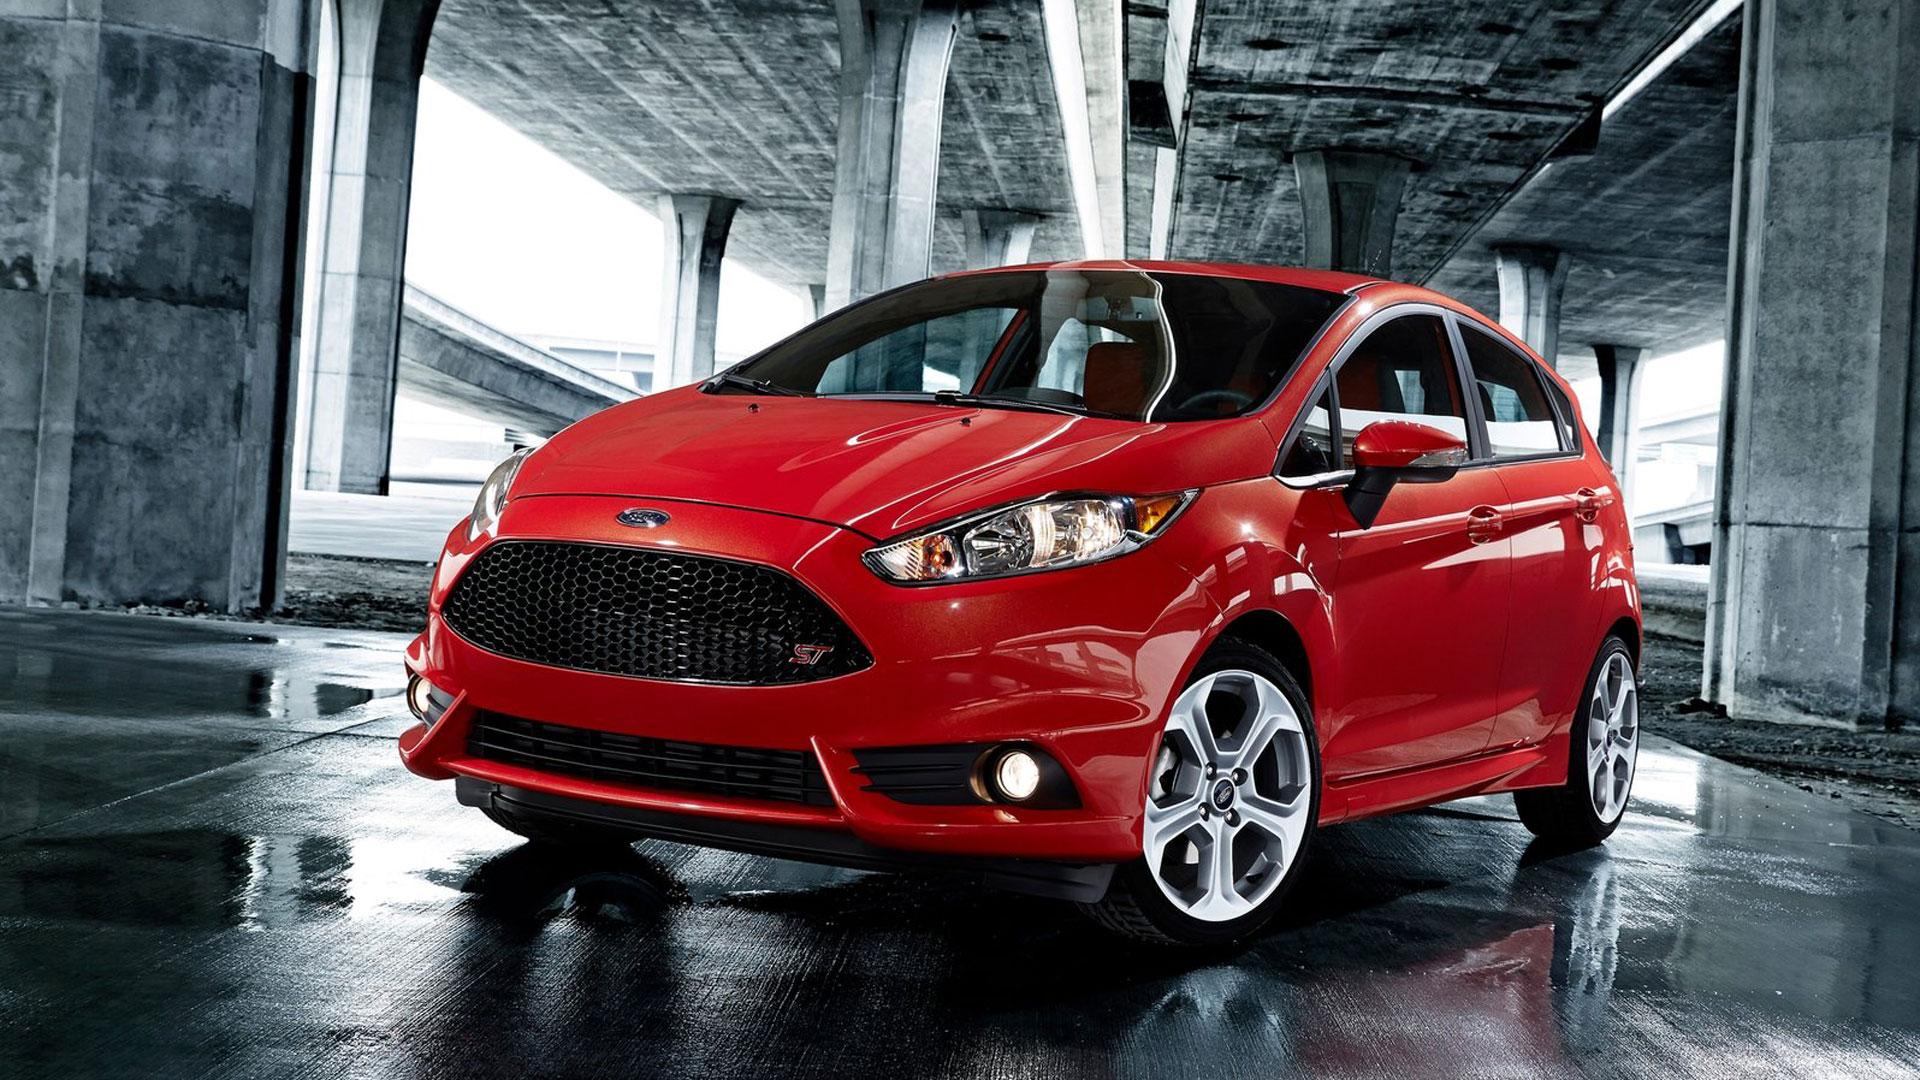 Ford Fiesta ST Wallpaper